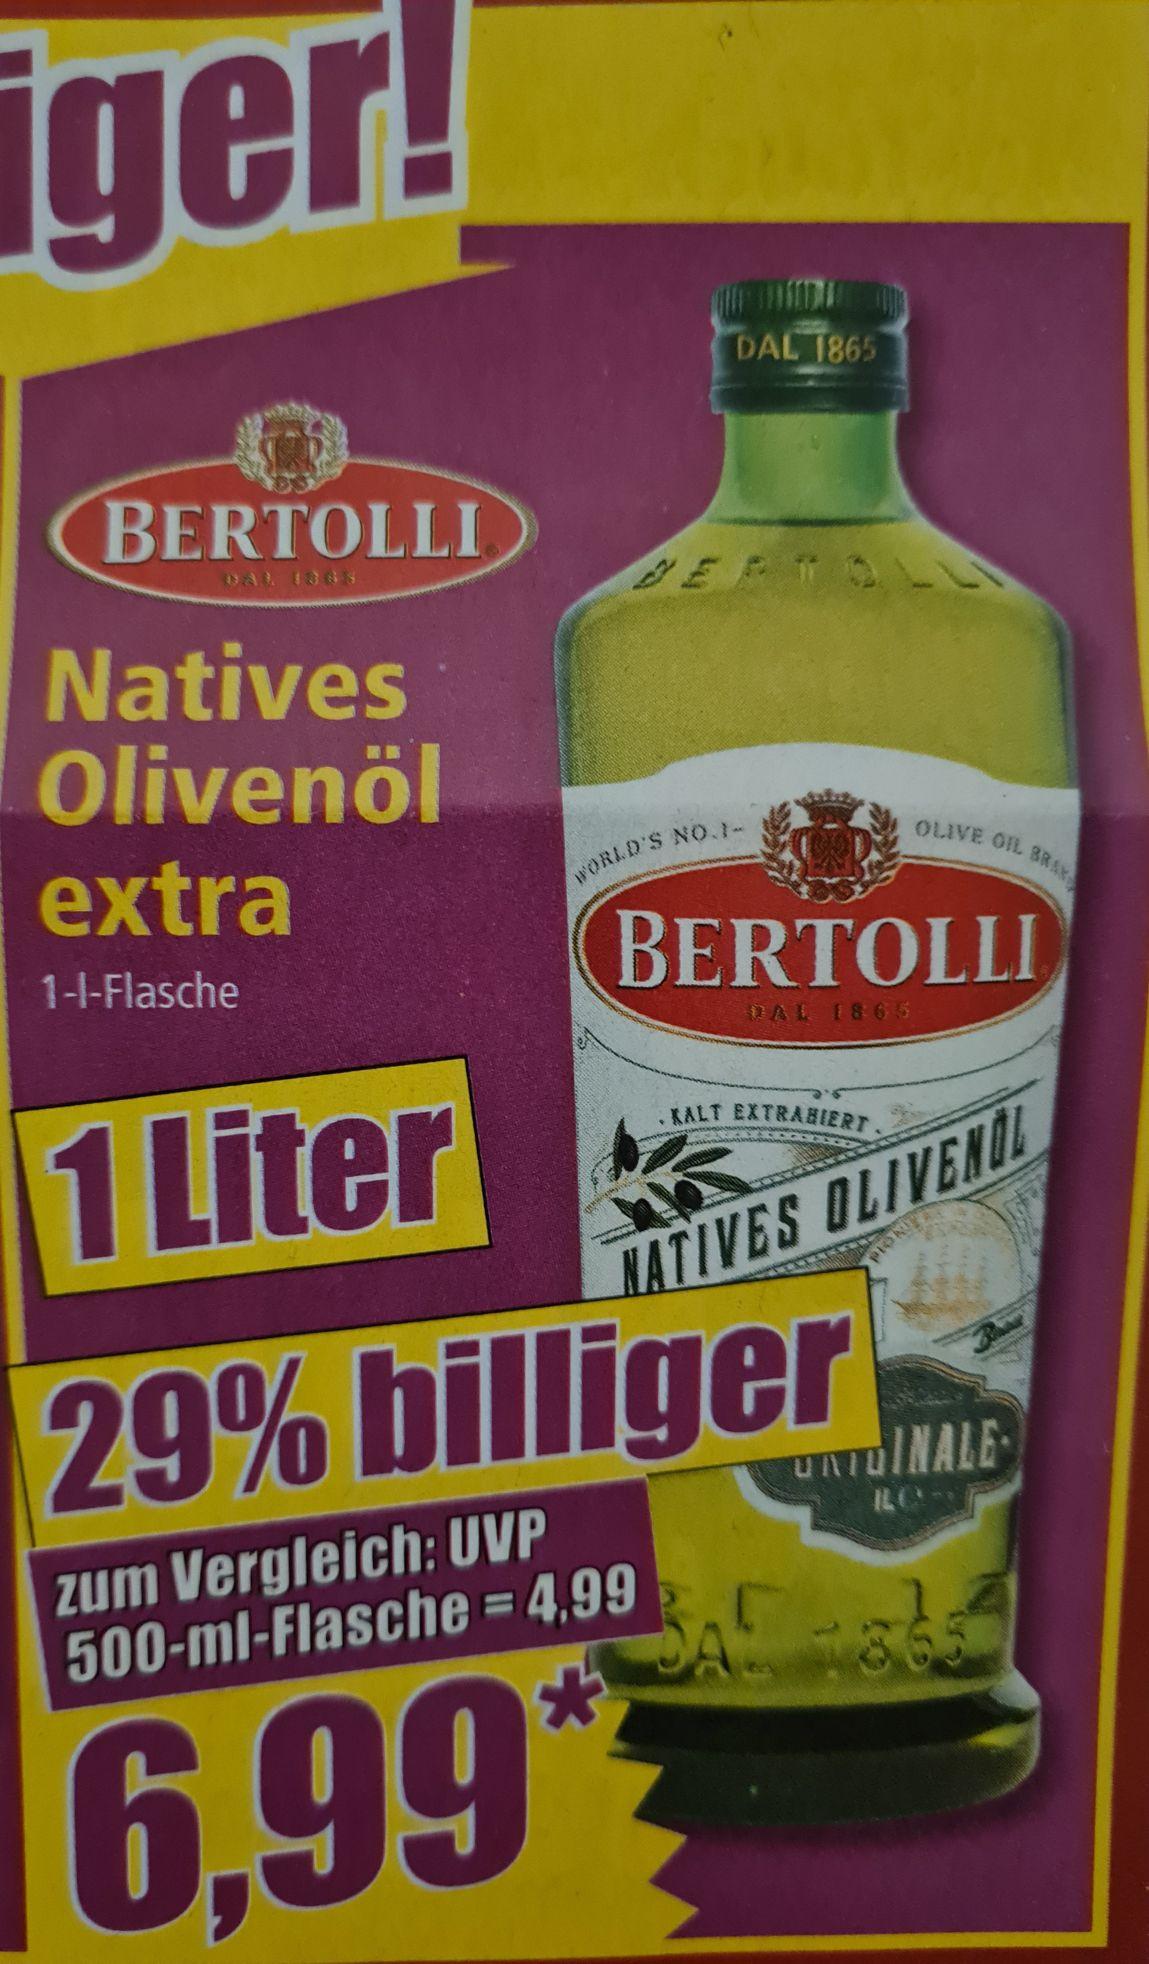 Natives Oliveöl Extra Bertolli 1 Liter für 6,99€ statt 10,99€ UND Meandros Kreta 500 ml für 3,59€ statt 5,99€ ab 25.05 Norma